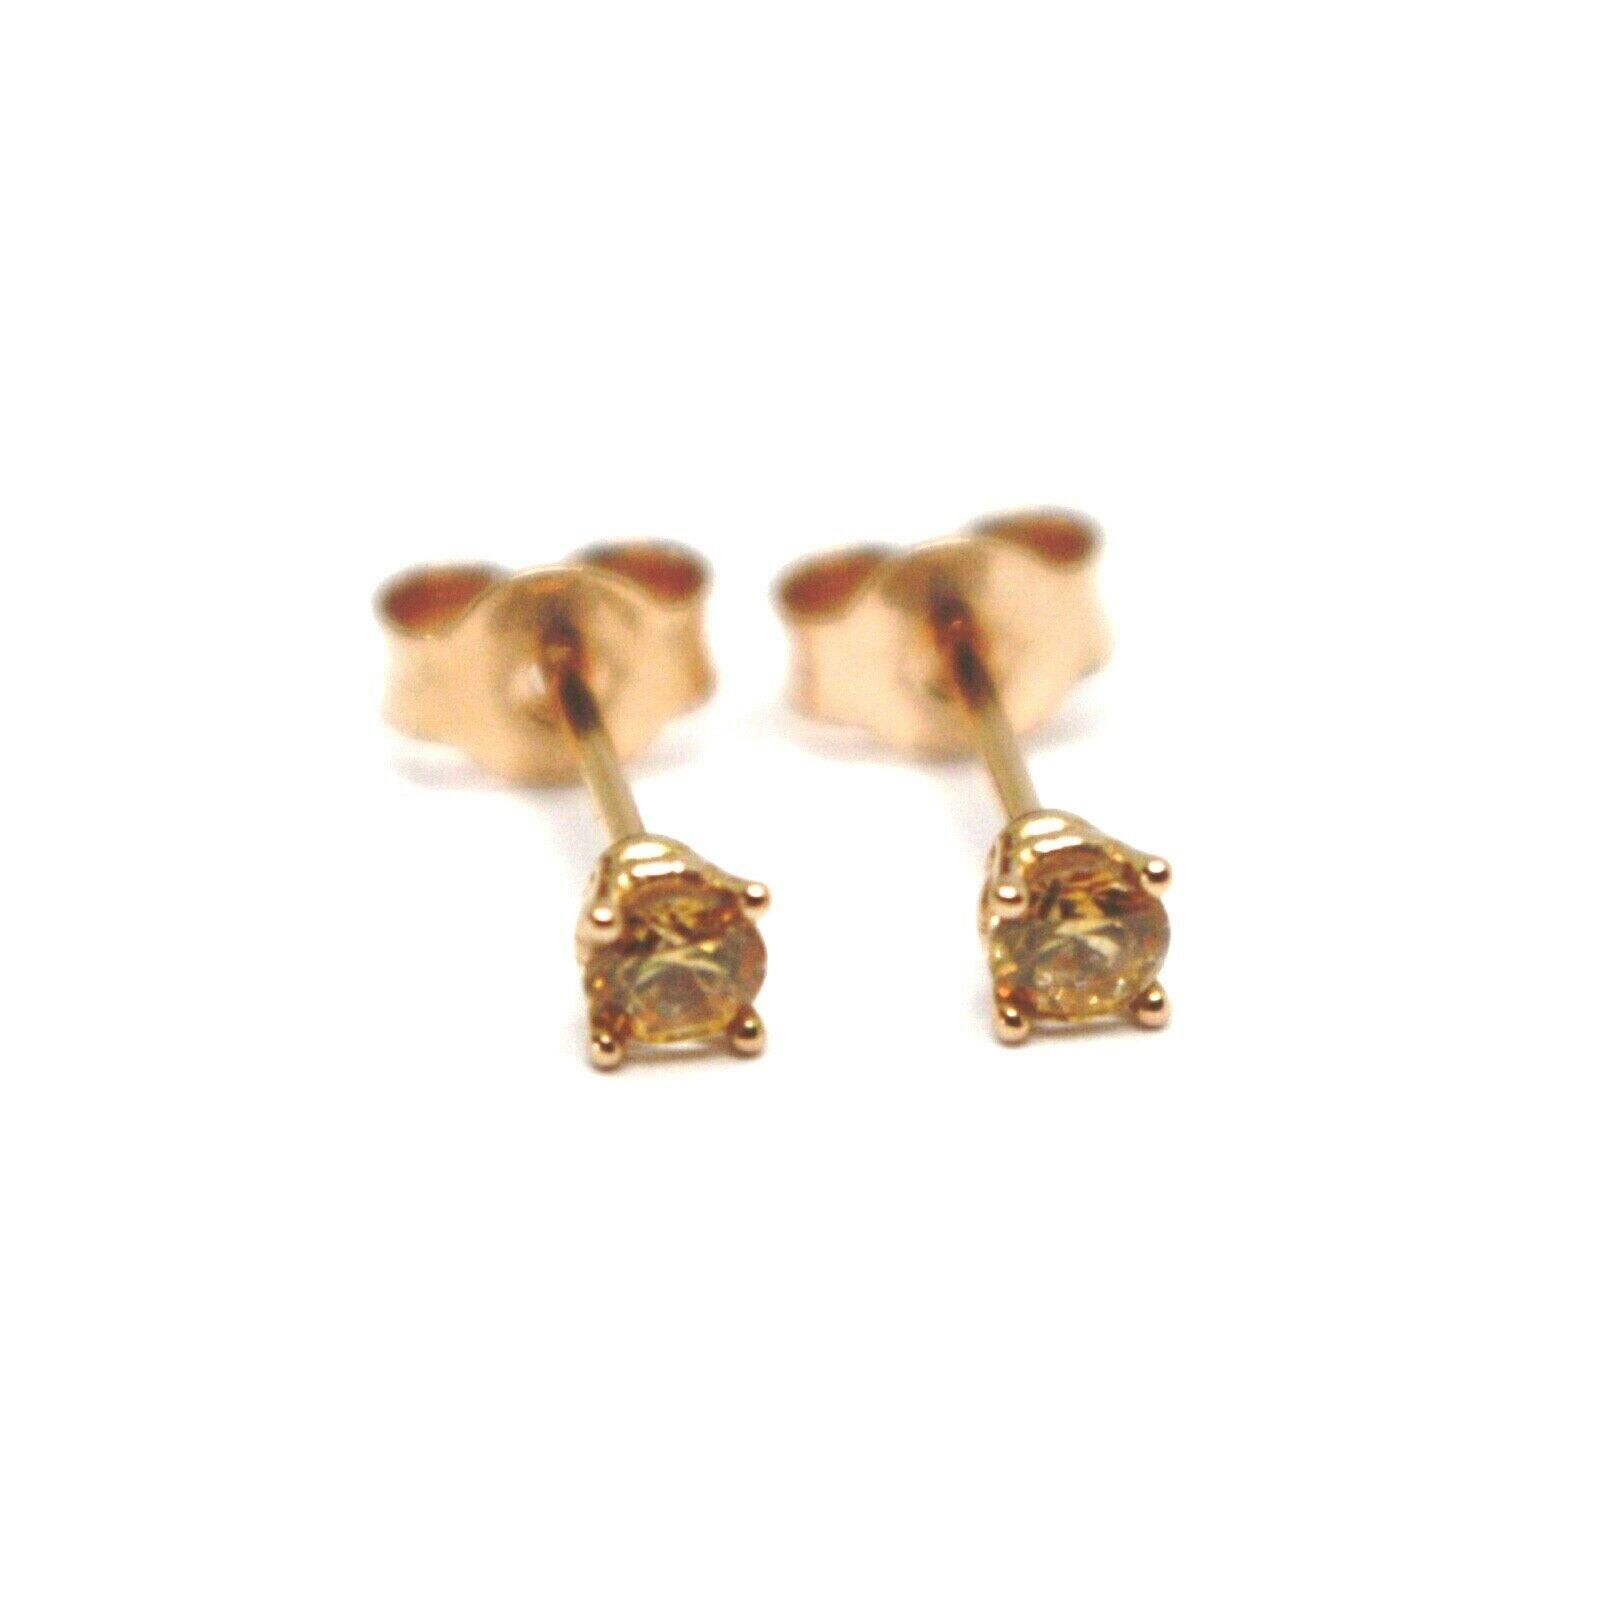 """18K ROSE GOLD MINI BUTTON EARRINGS YELLOW CUBIC ZIRCONIA, DIAMETER 3mm 0.12"""""""